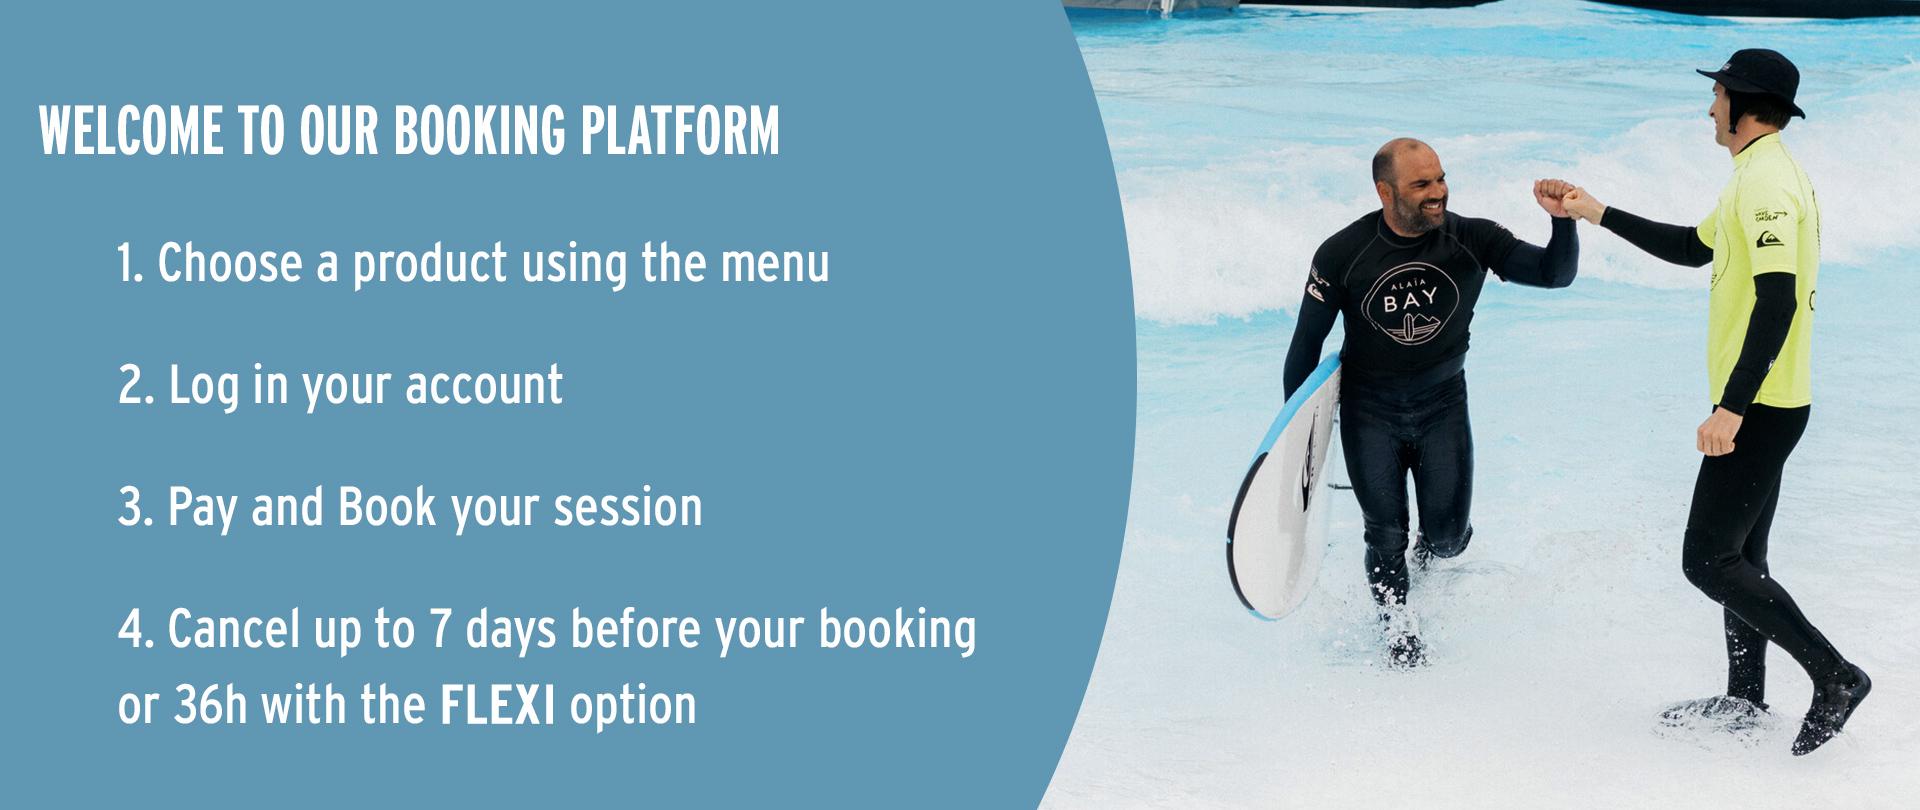 booking alaia bay